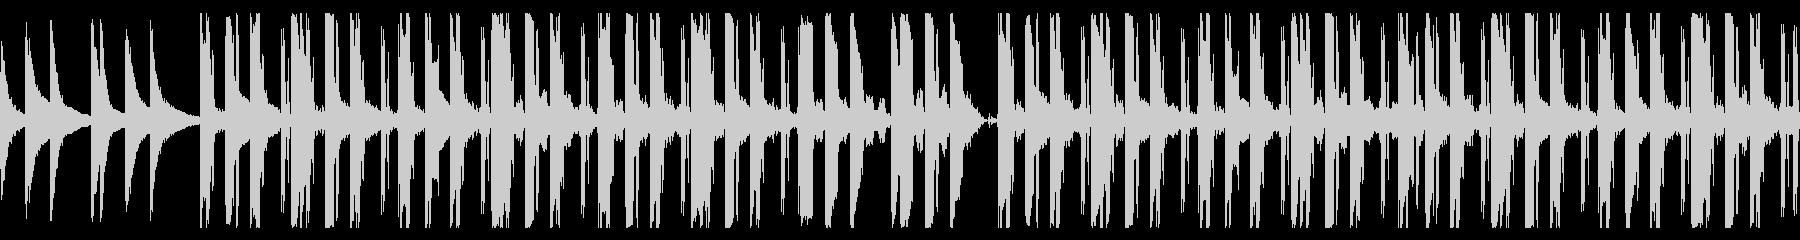 低音が気持ち良いローファイなBGMの未再生の波形